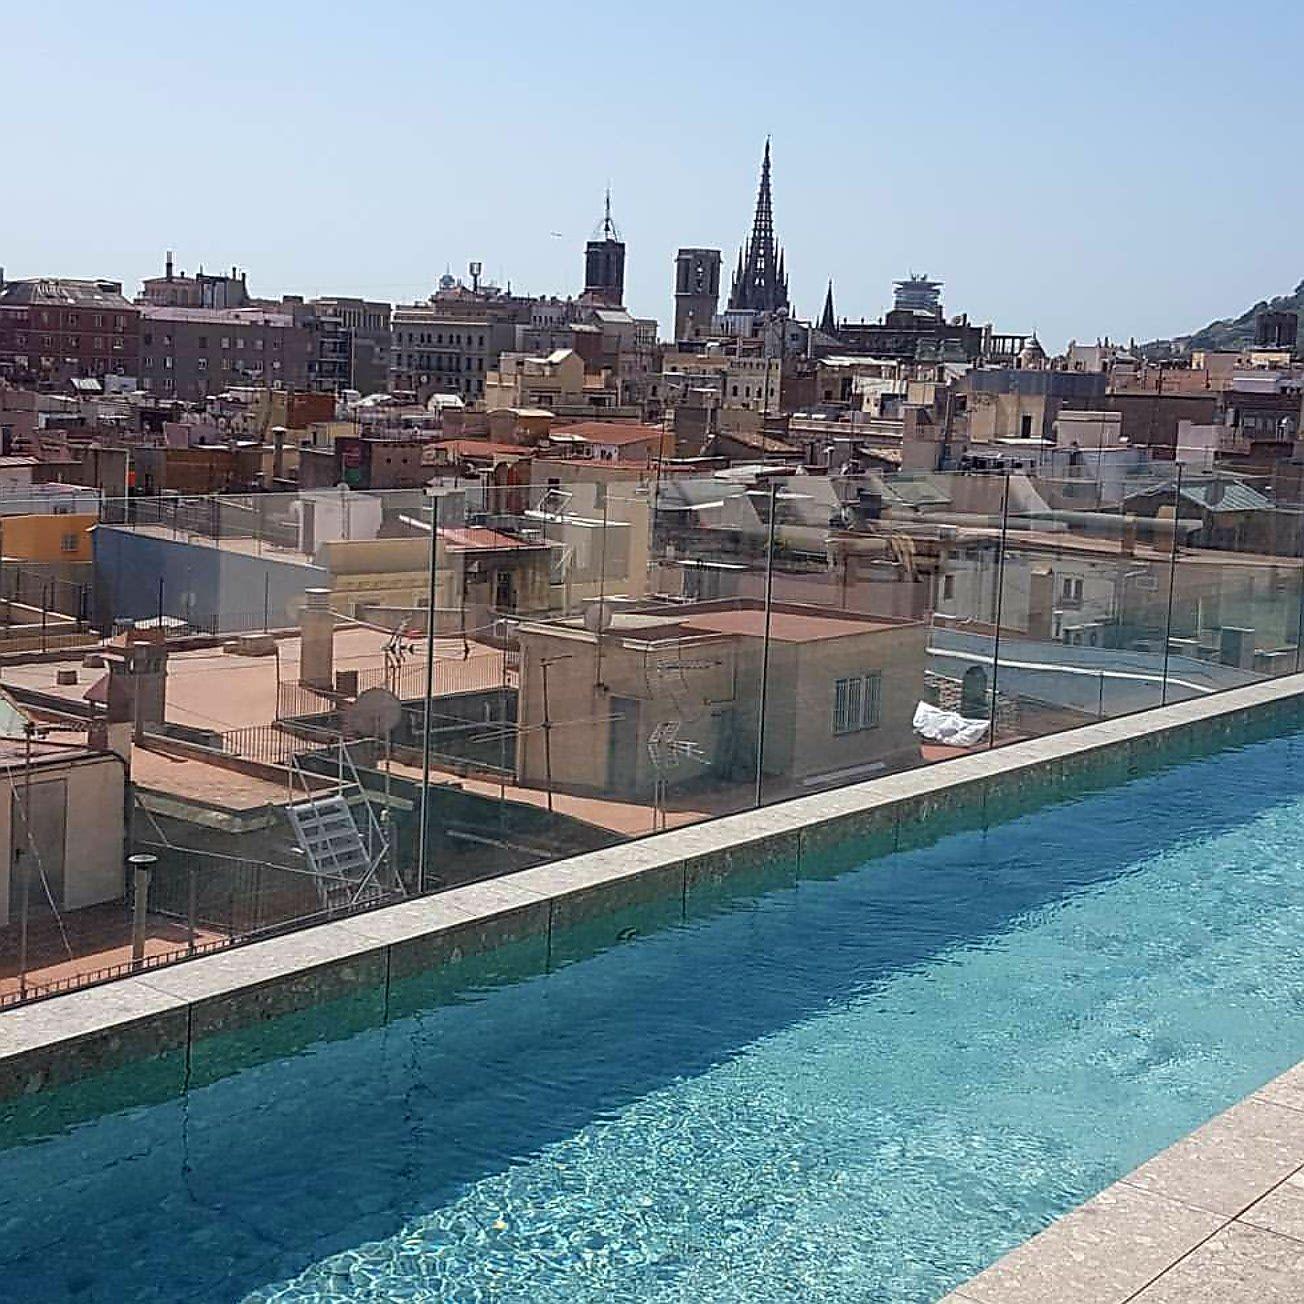 Barcelone En Nouveaux Hôtels Avec Piscine Sur Le Toit - Hotel barcelone avec piscine sur le toit